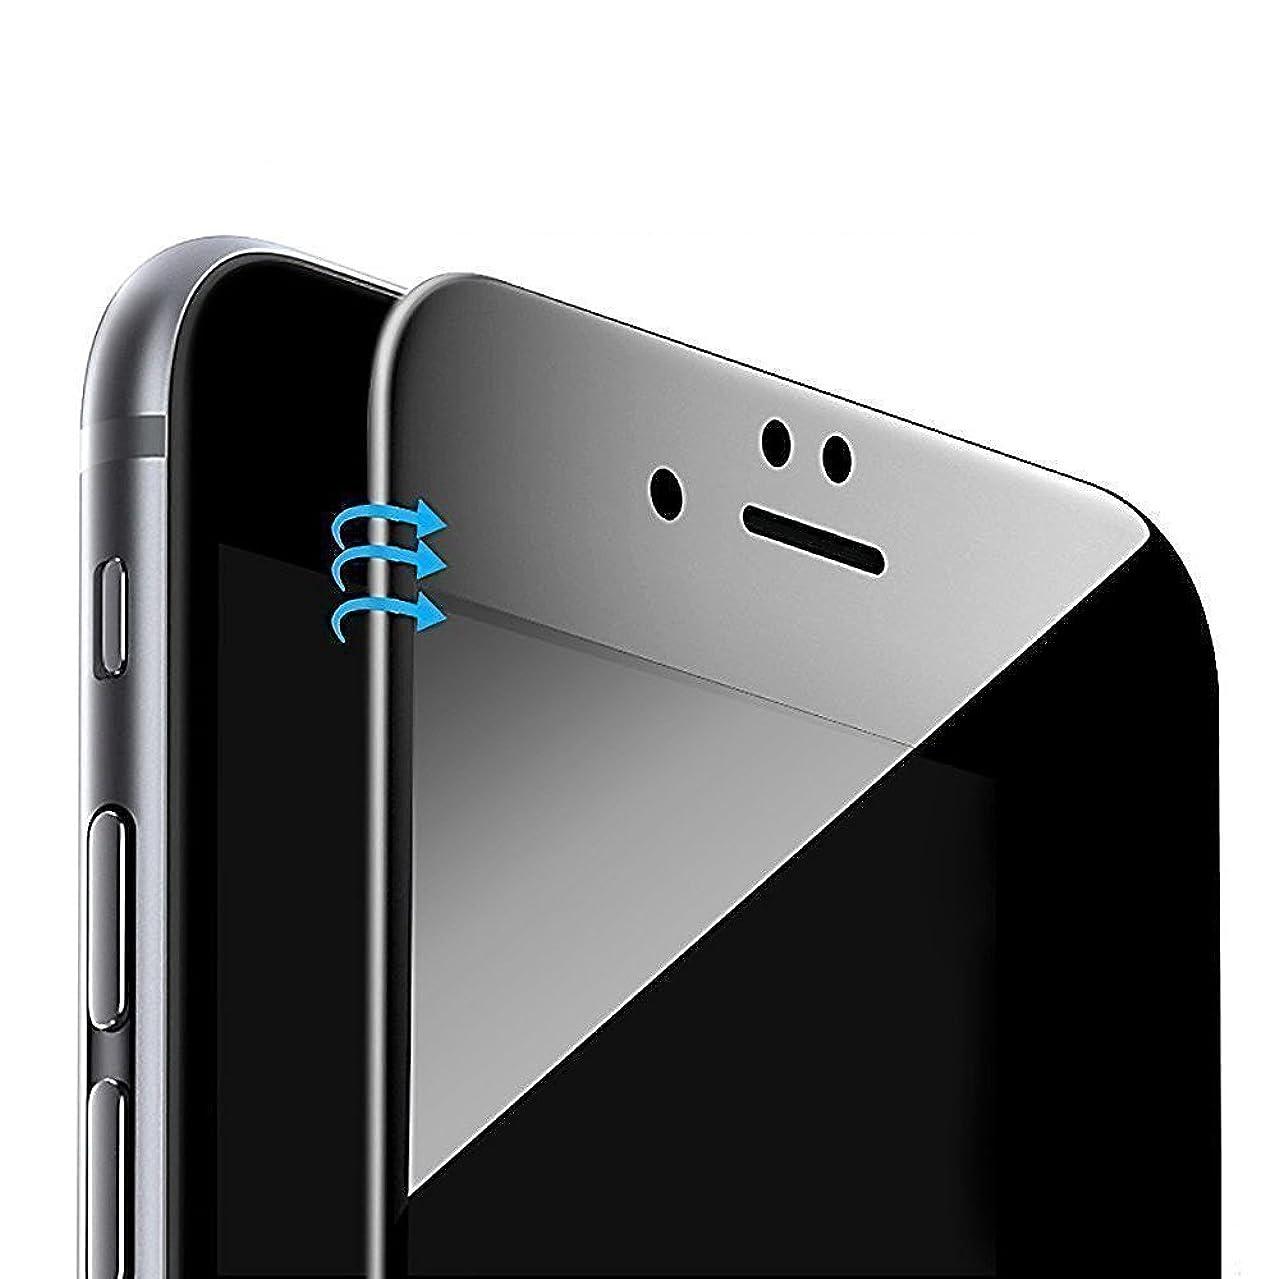 制裁シンプルな囲む【覗き見防止】IPECKS3D iPhone 8 Plus /7 Plus専用 強化ガラス液晶保護フィルム 180°覗き見防止5.5インチ【全面保護/3D Touch対応 / 硬度9H / 気泡防止/傷防止/指紋防止(黒)】